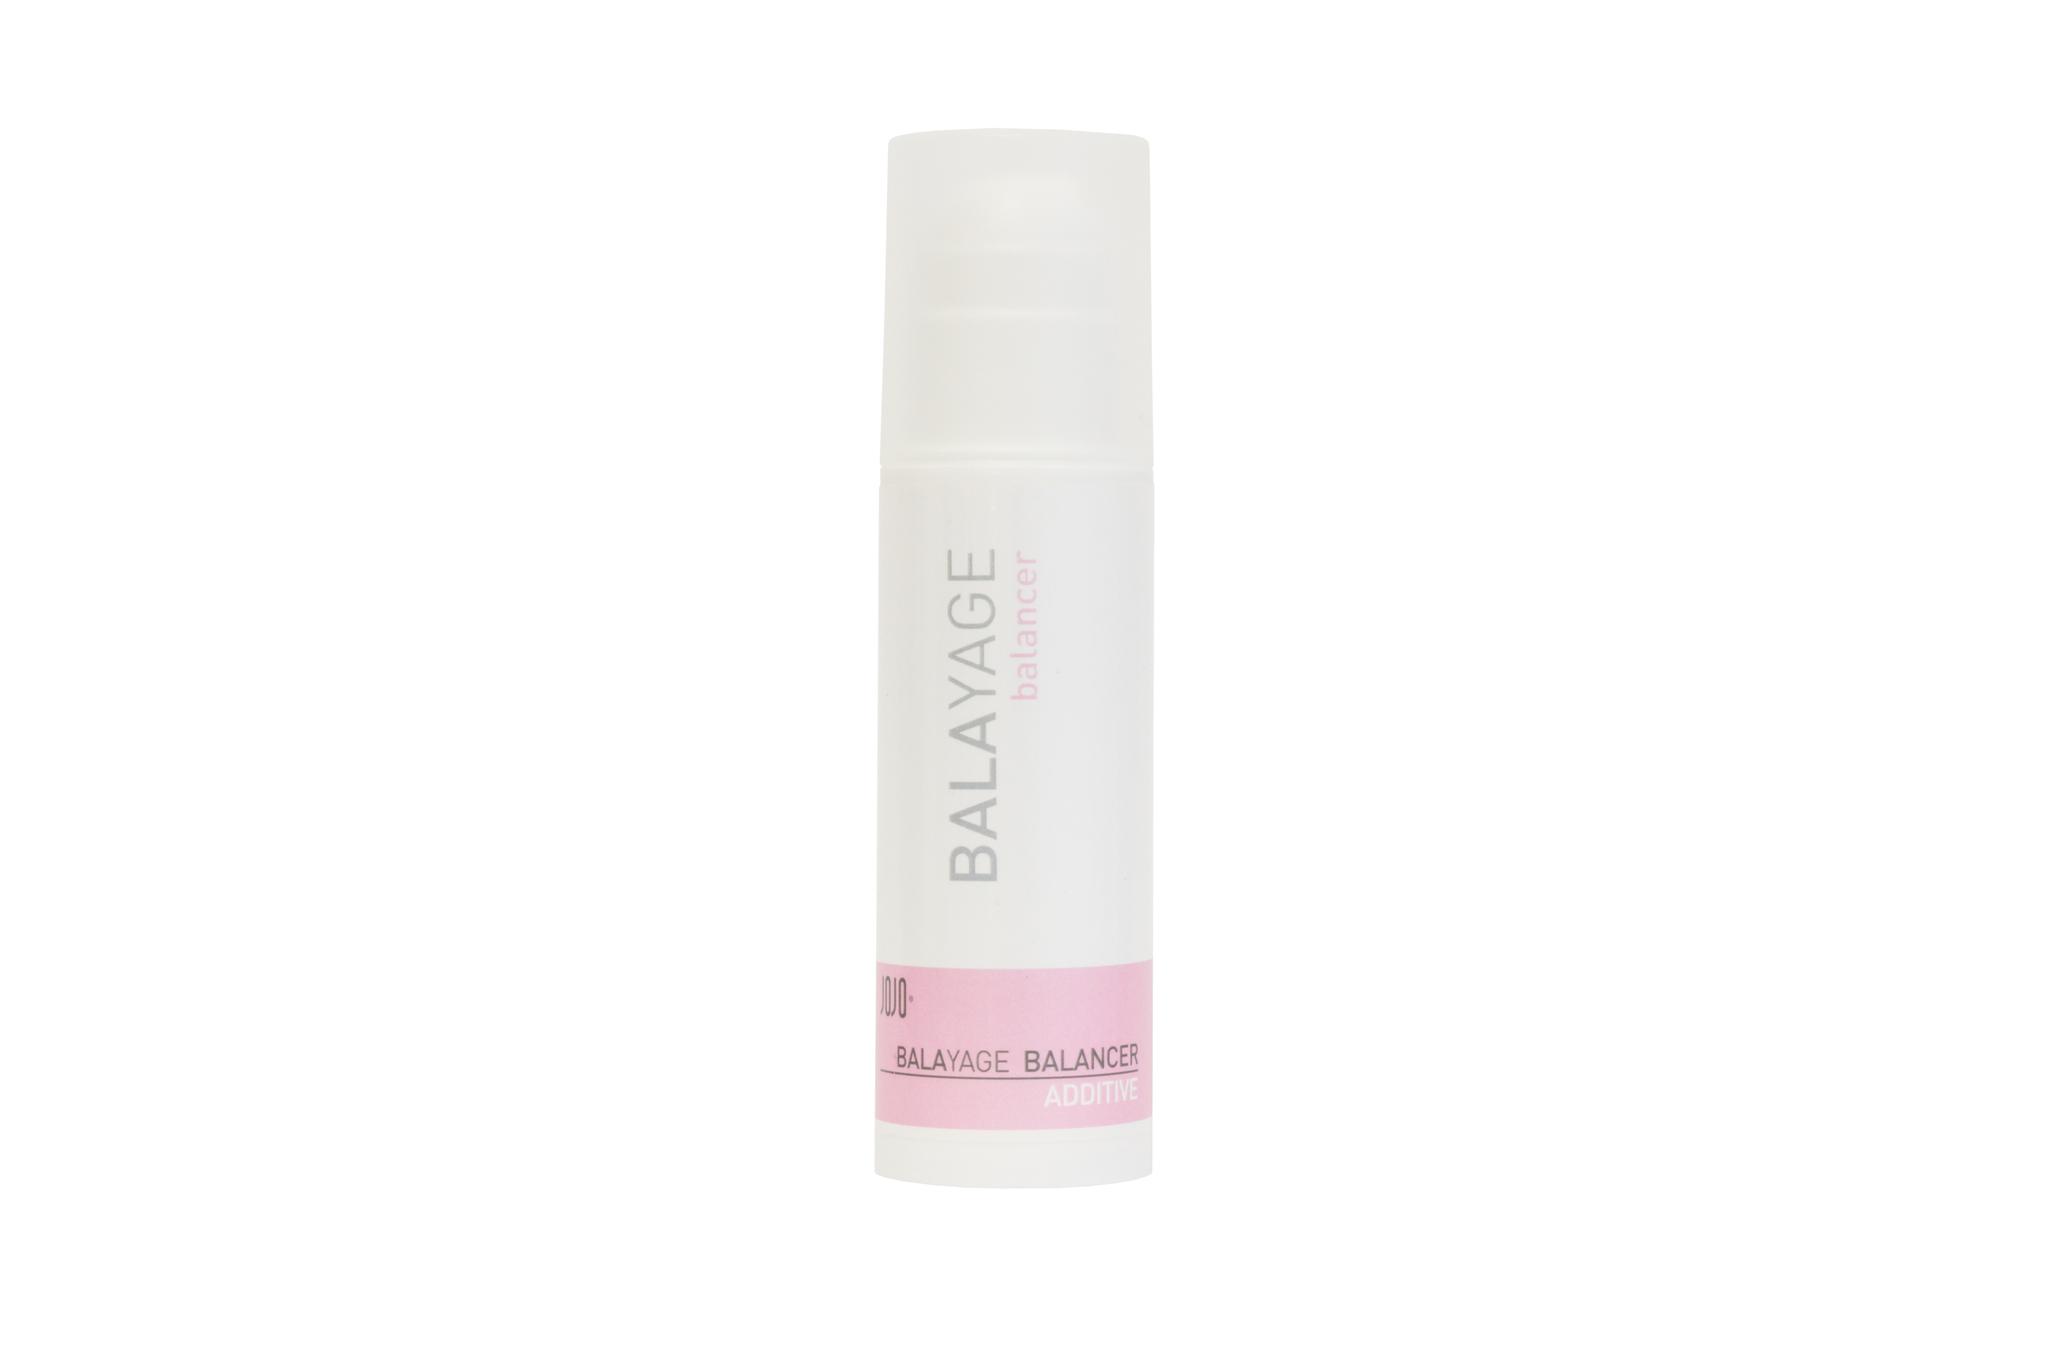 Balayage Balancer / Кондиционер уход для осветленных волос